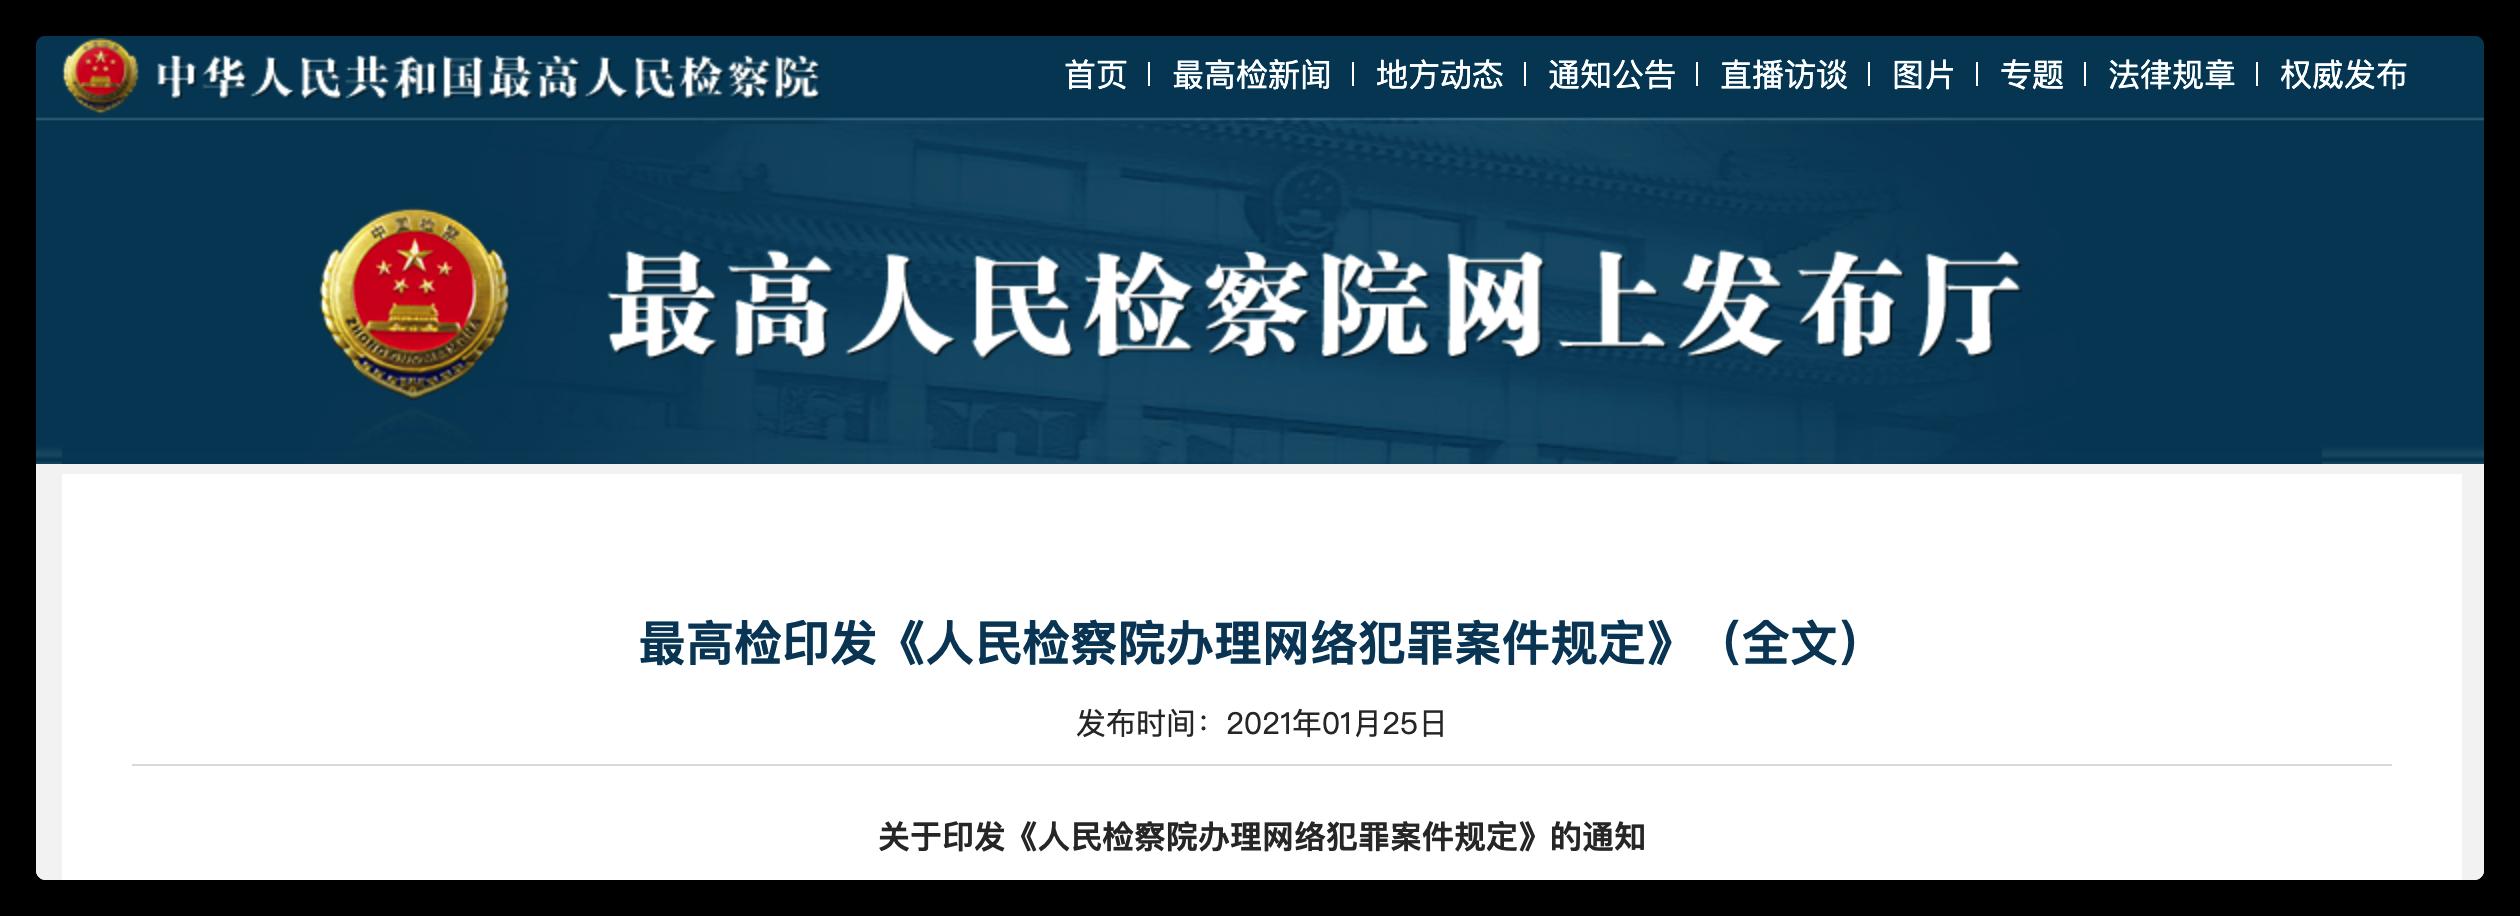 [知产晨讯]1月26日:外交部:中国正在从知识产权引进大国向知识产权创造大国转变;最高检印发《人民检察院办理网络犯罪案件规定》;商业秘密保护的客户名单认定